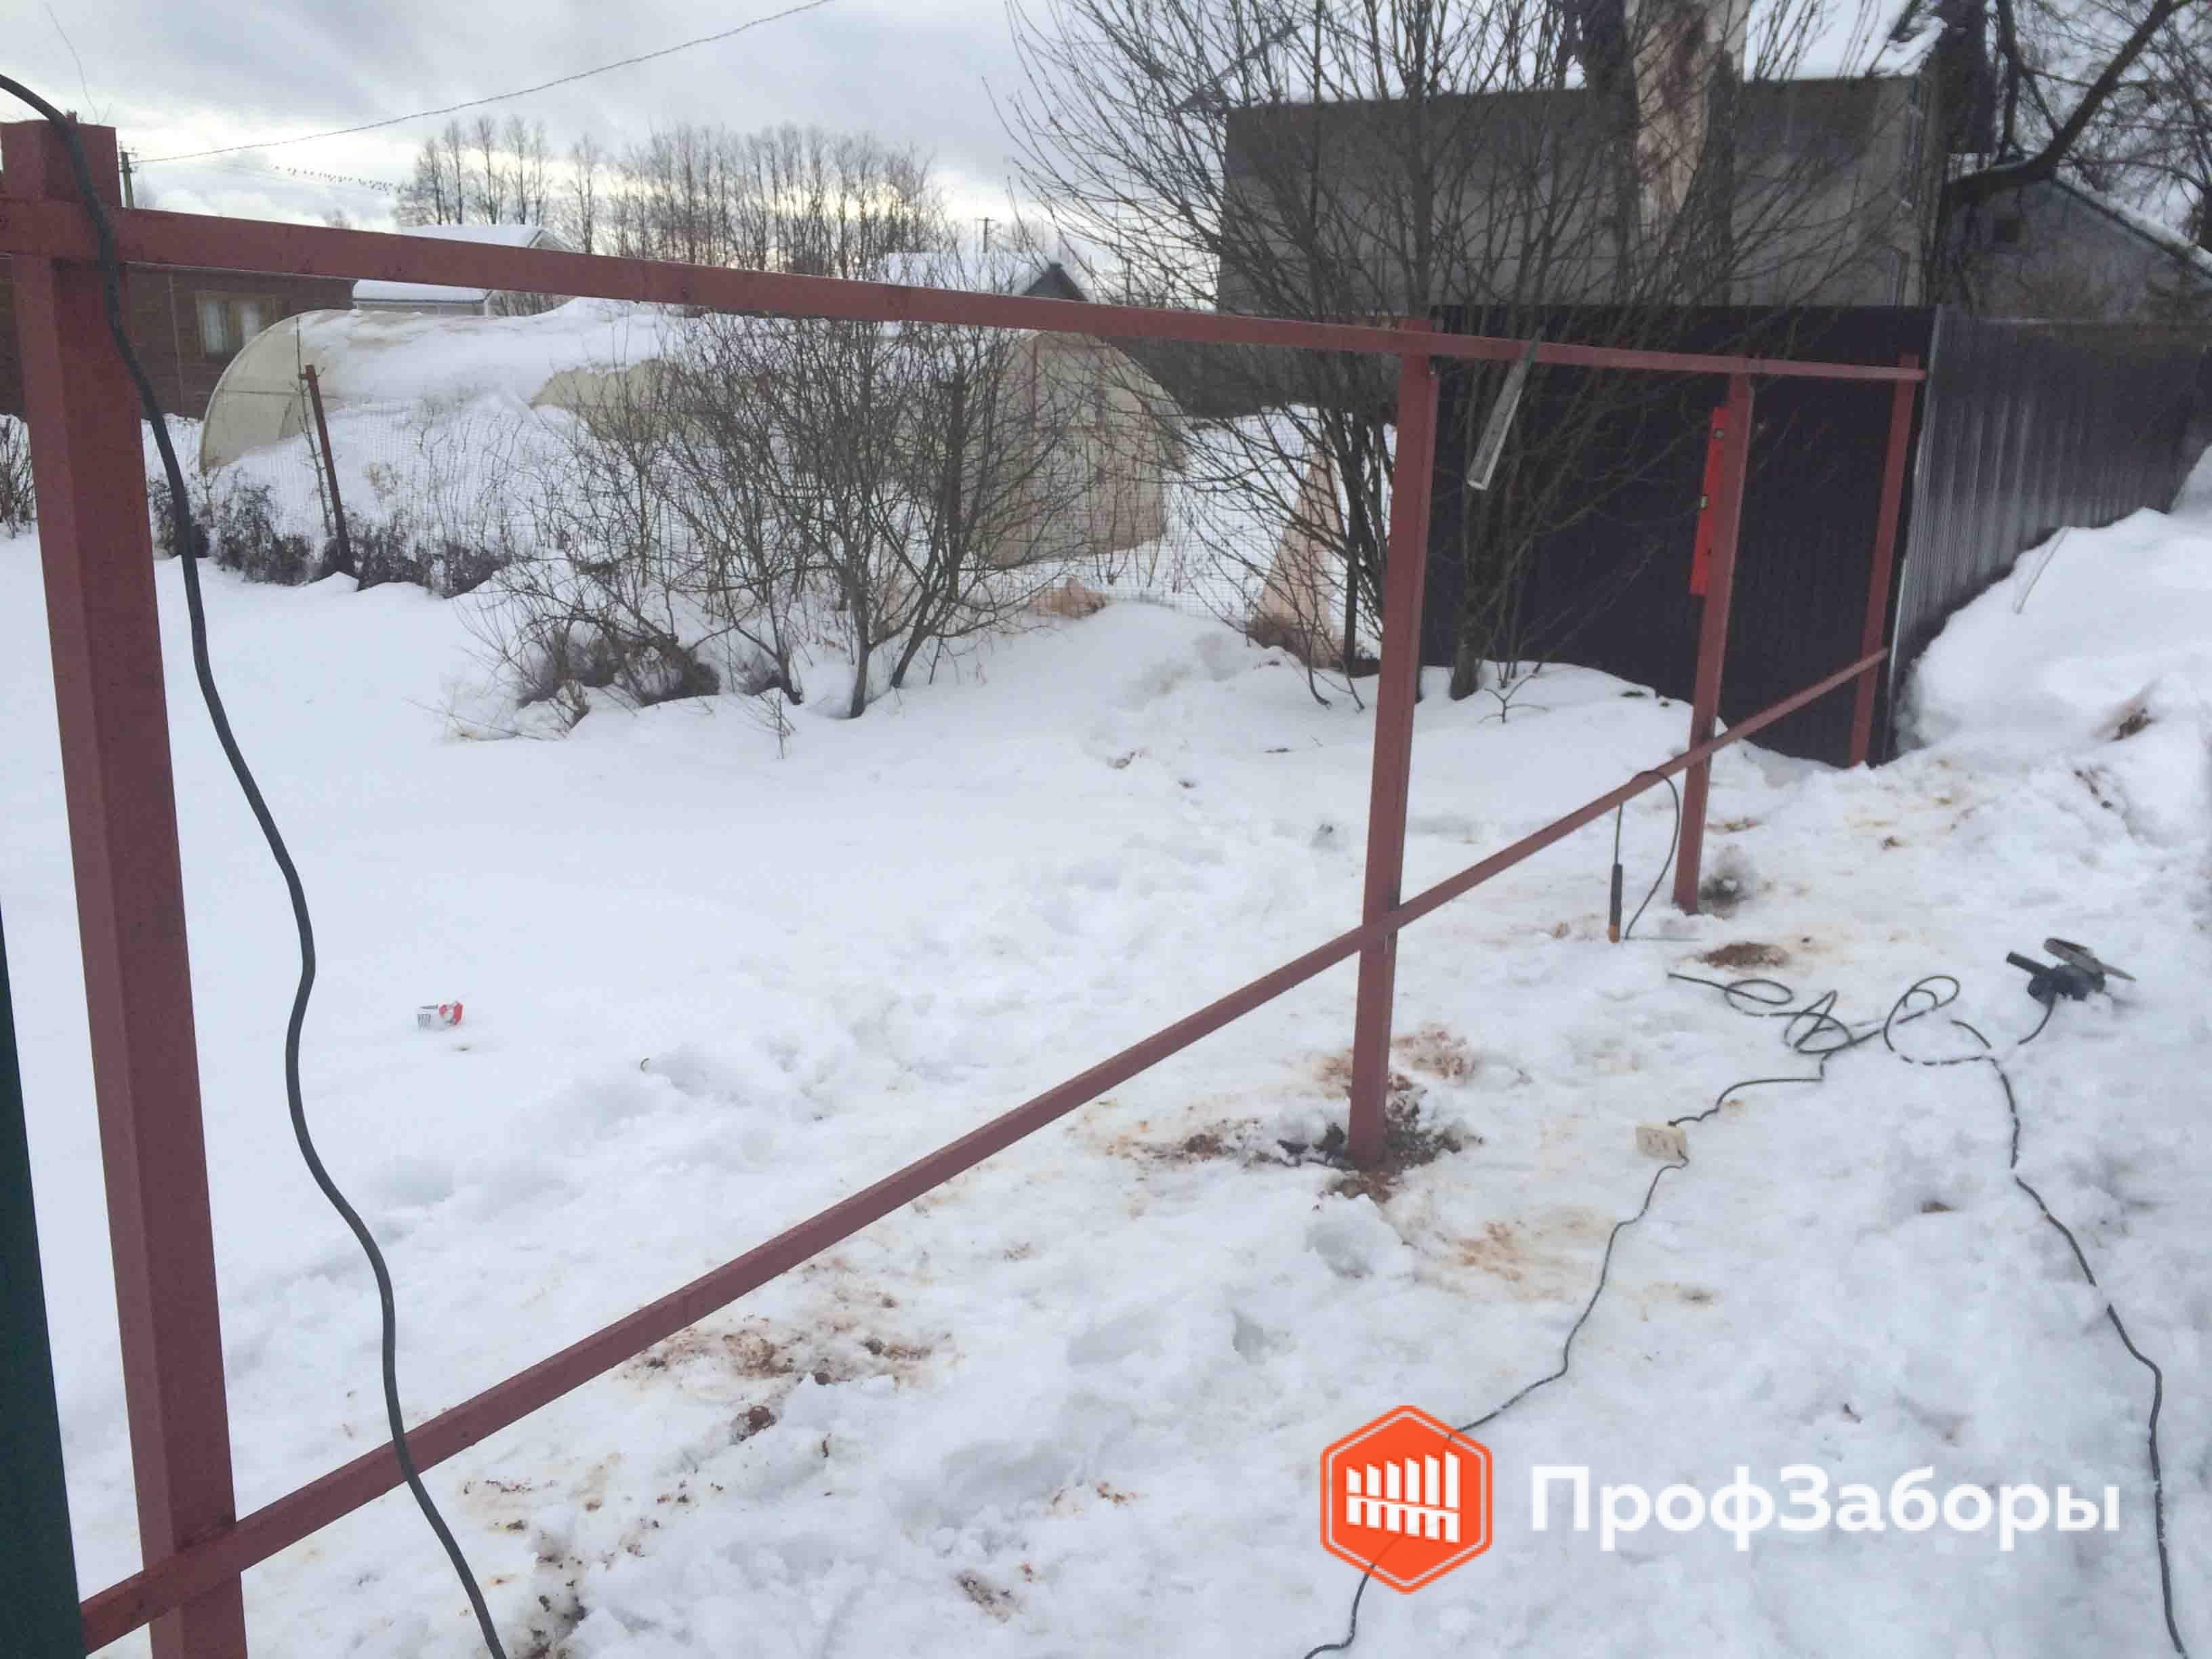 Заборы Из профнастила  - Щелковский район. Фото 4